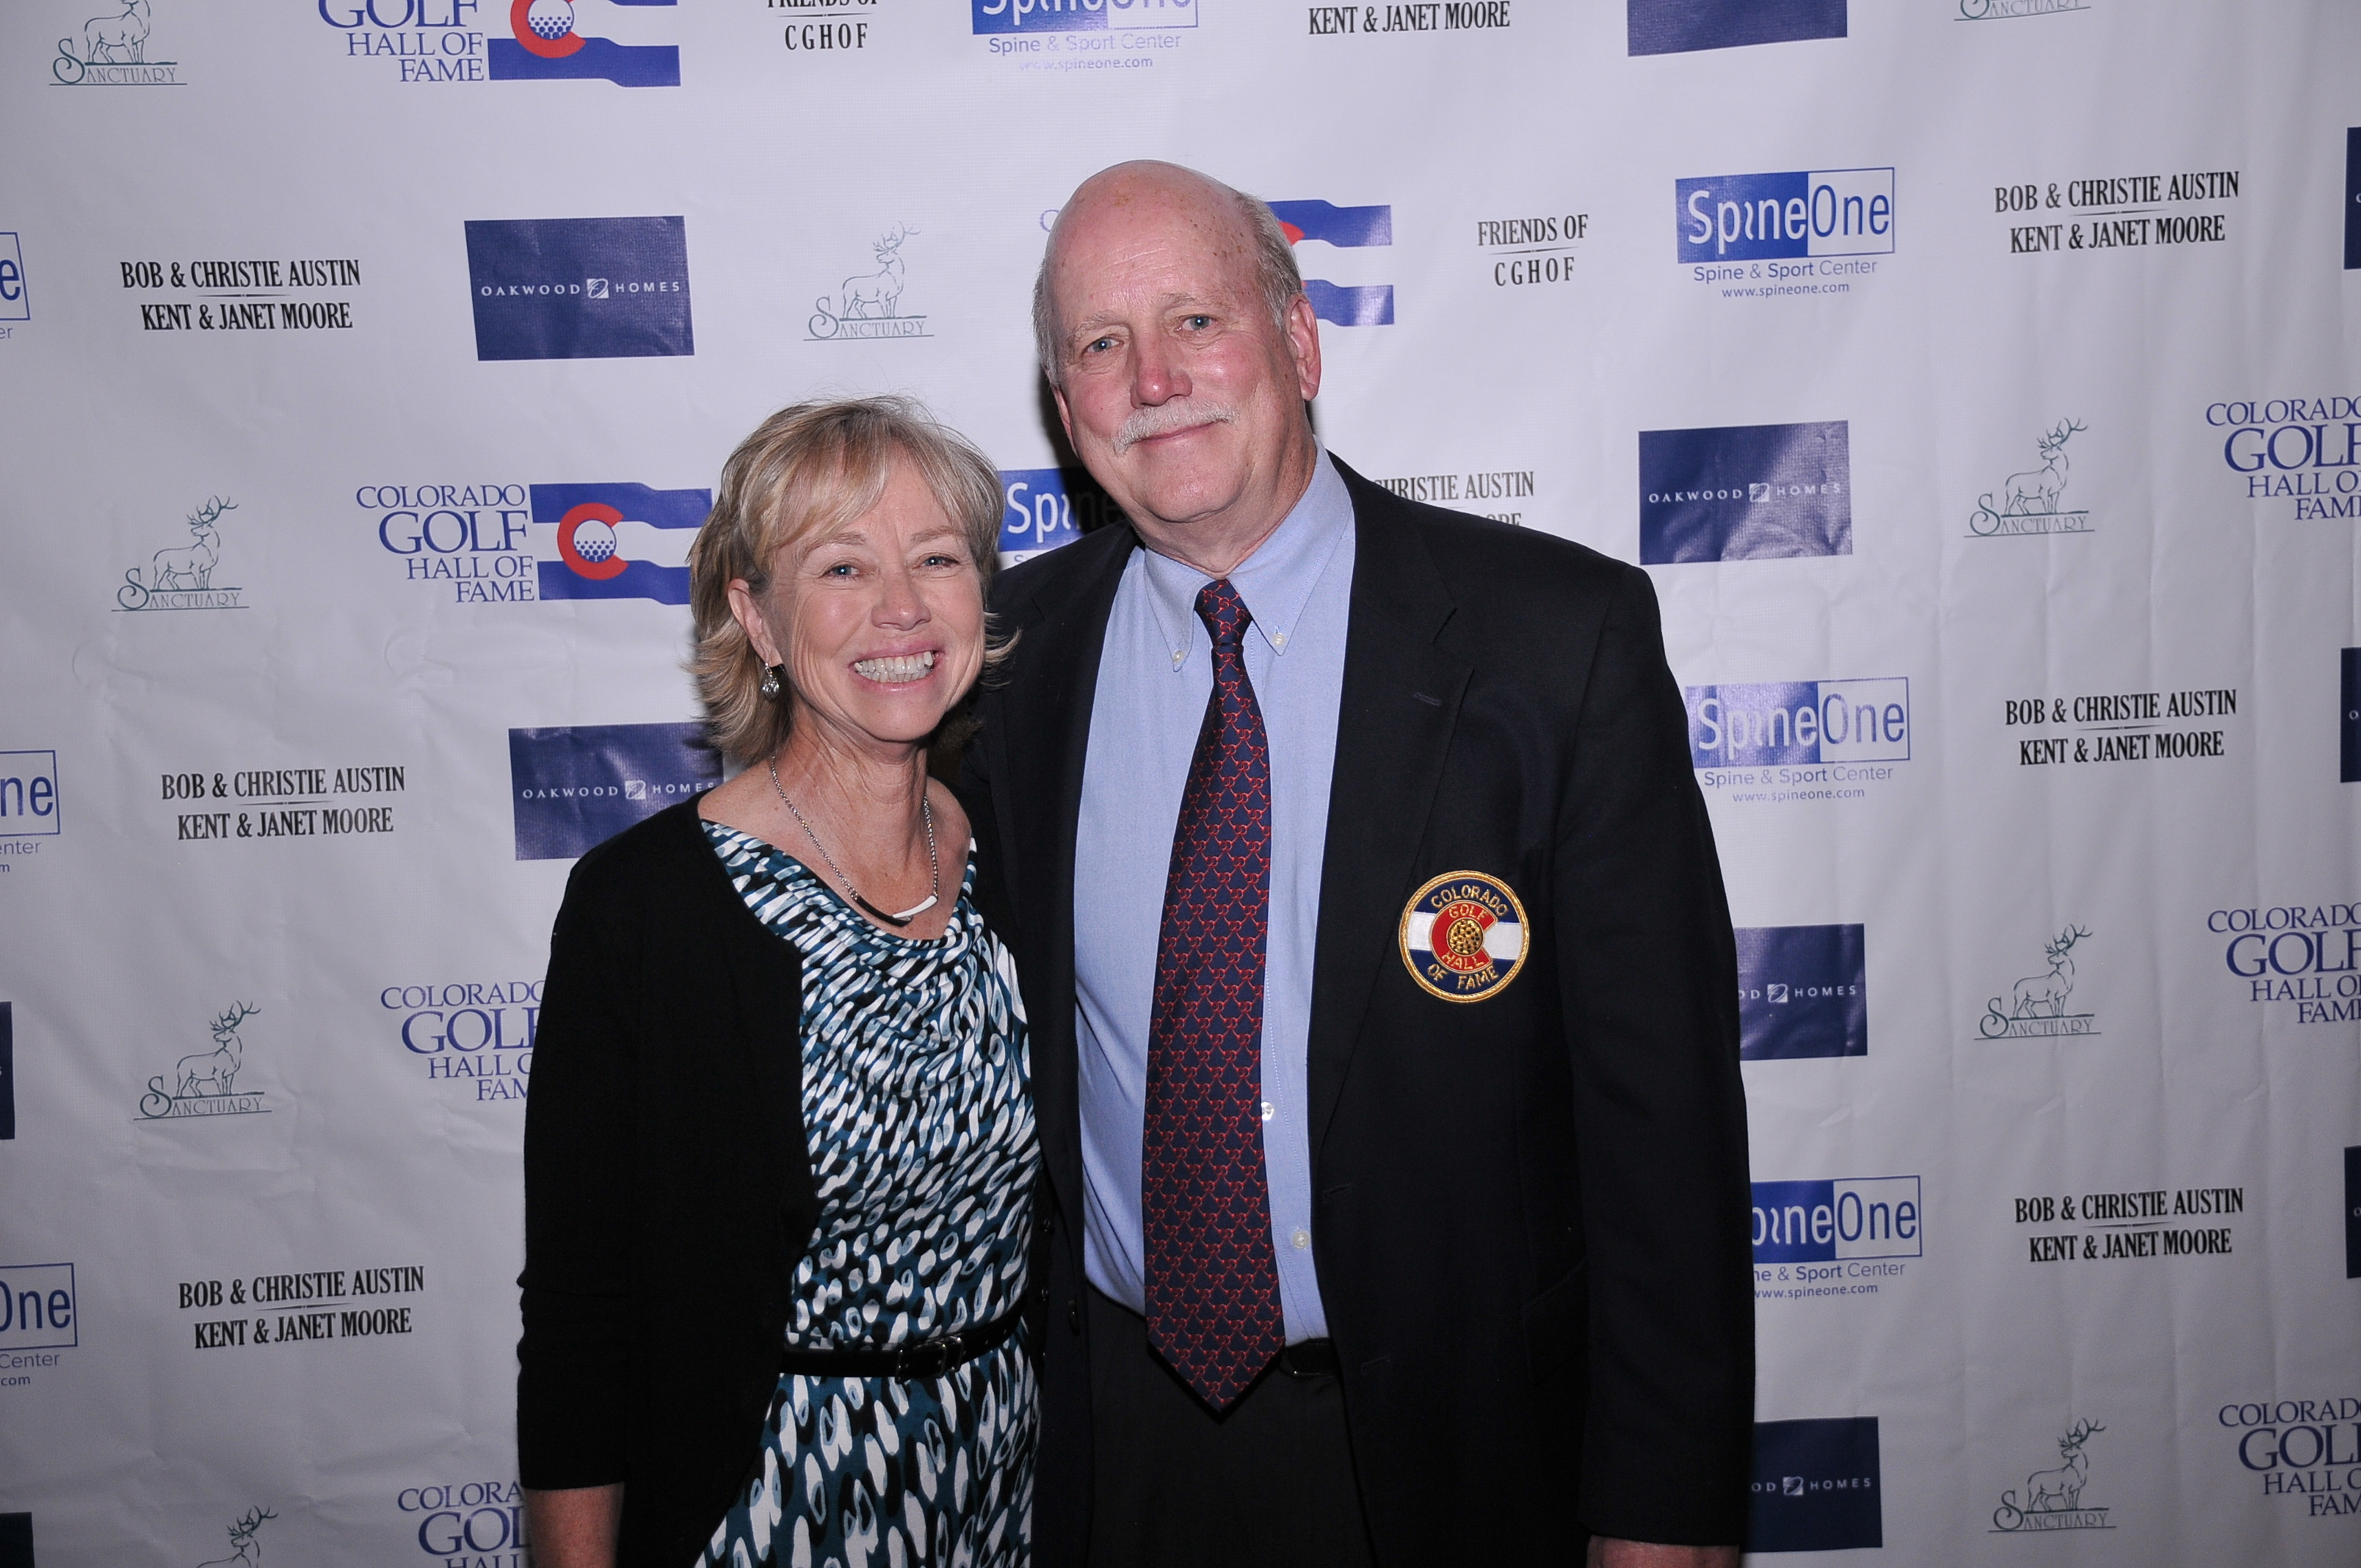 Scott & Cindy Radcliffe